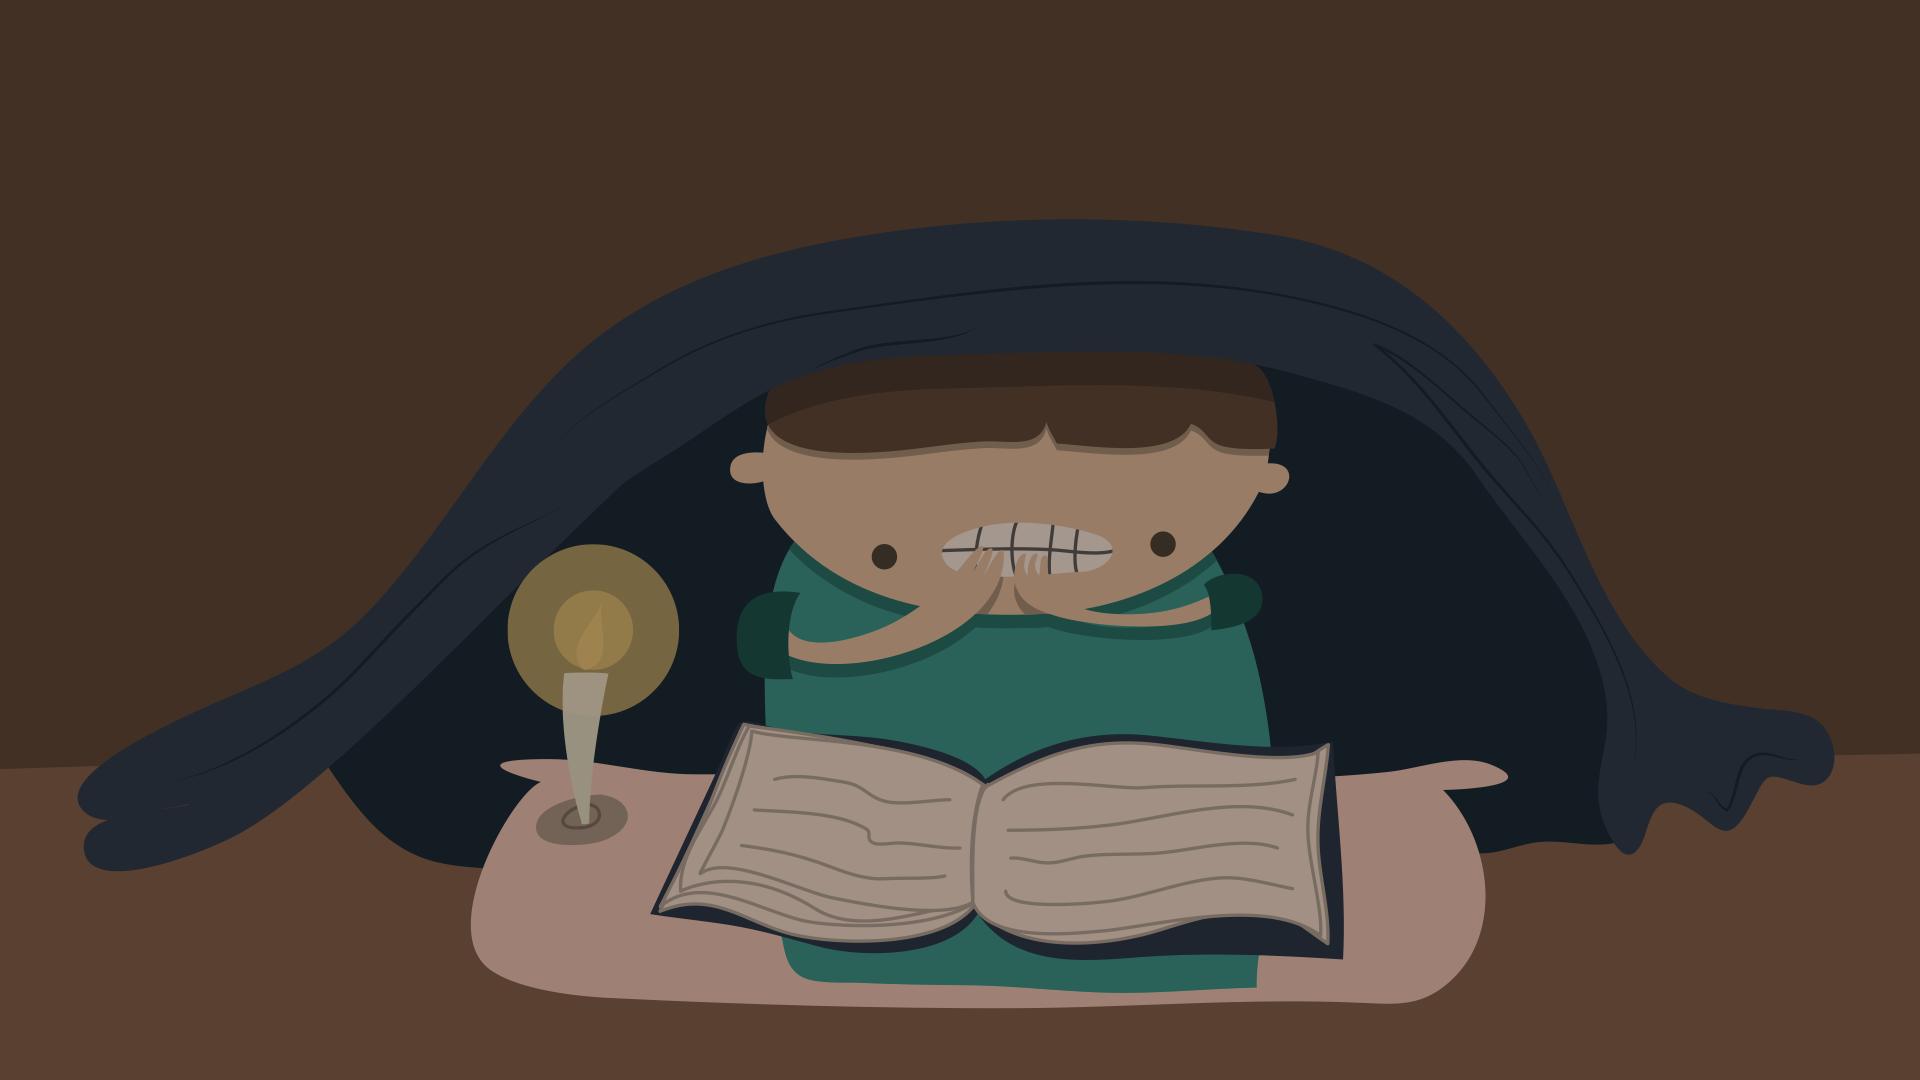 Livros que fazem as crianças crescerem #52: delicadeza, sutileza e força nas obras de Stephen Michael King